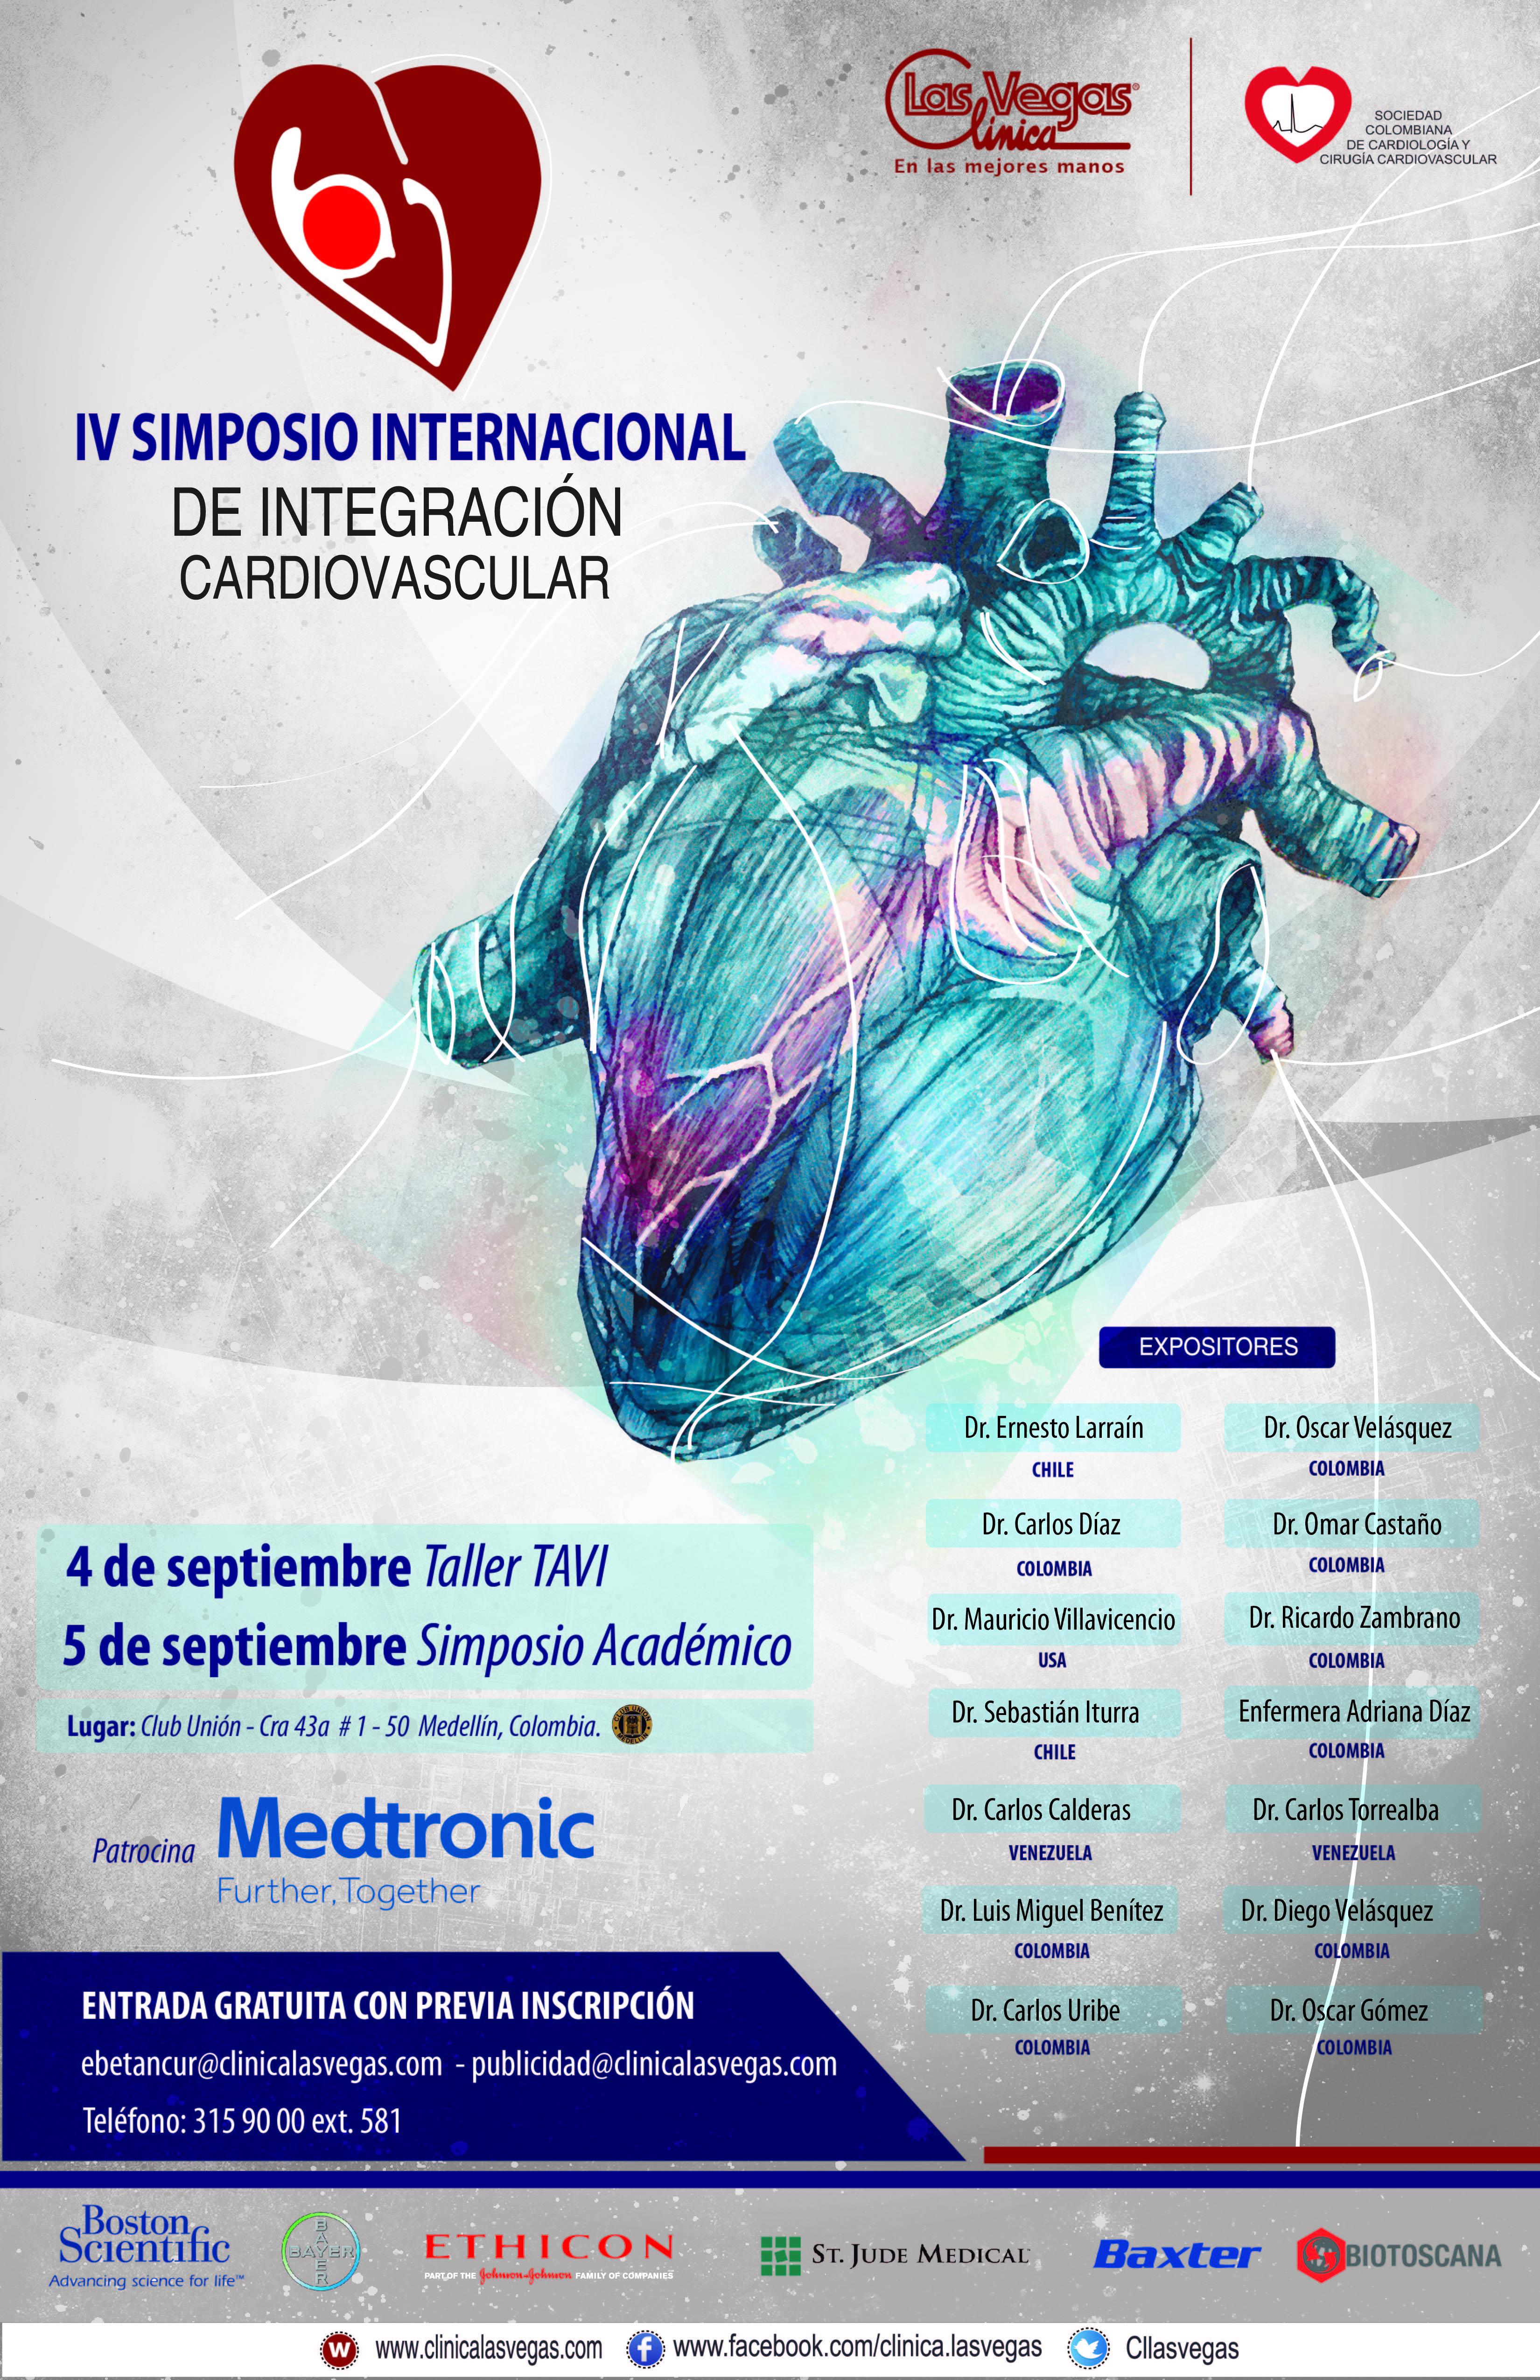 IV Simposio Internacional de Integración Cardiovascular @ Club Unión,Medellín, Colombia / Septiembre 4 y 5 de 2015